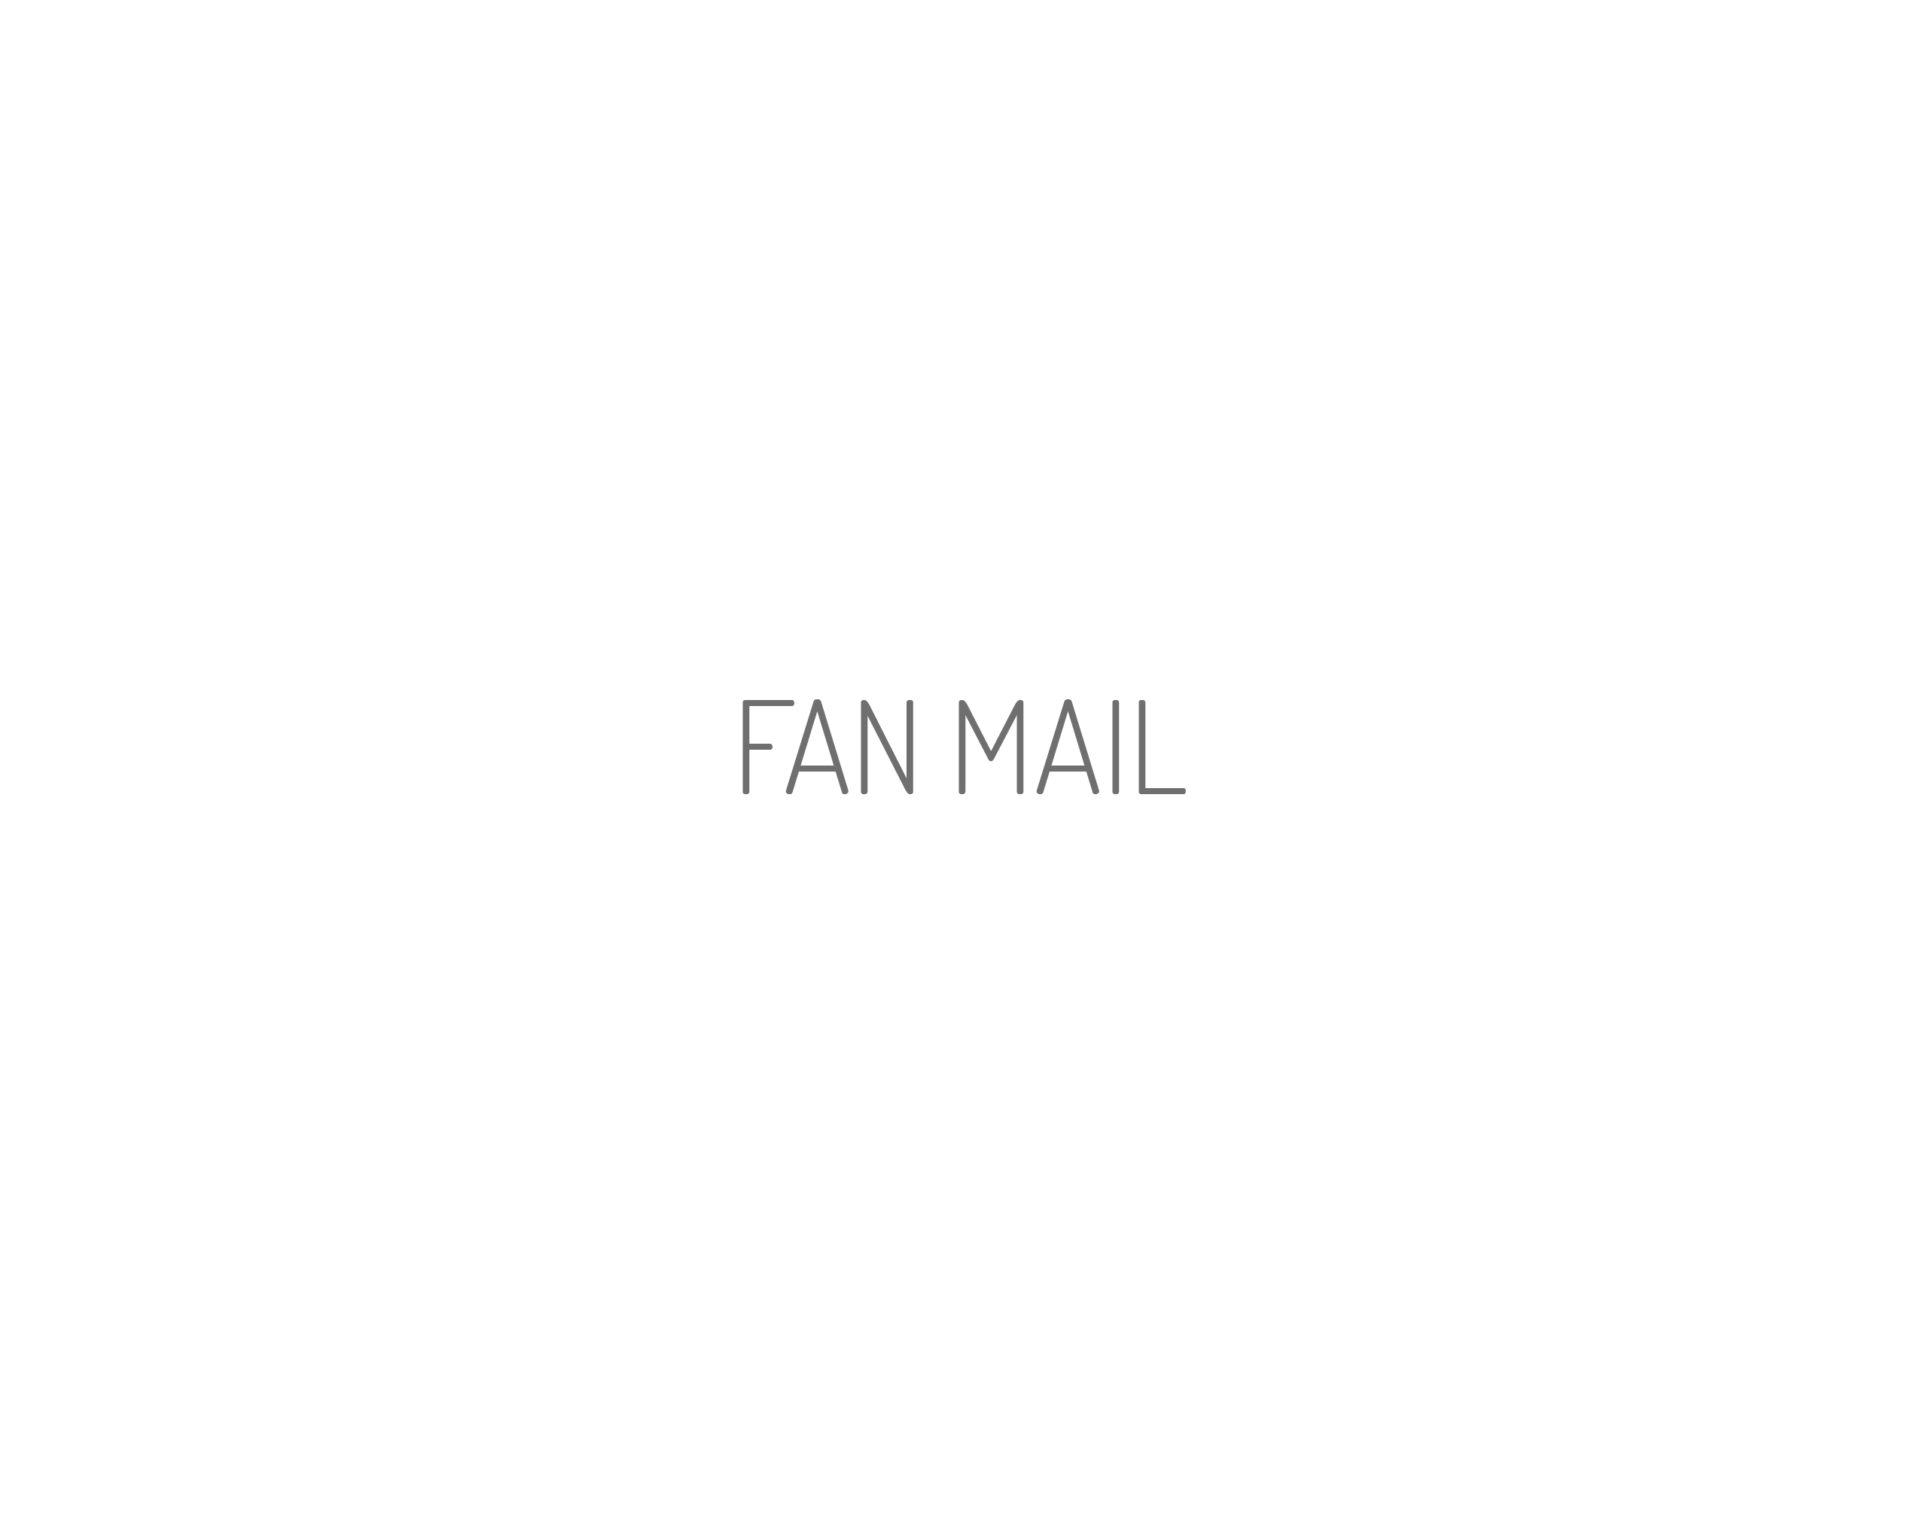 fan mail-01